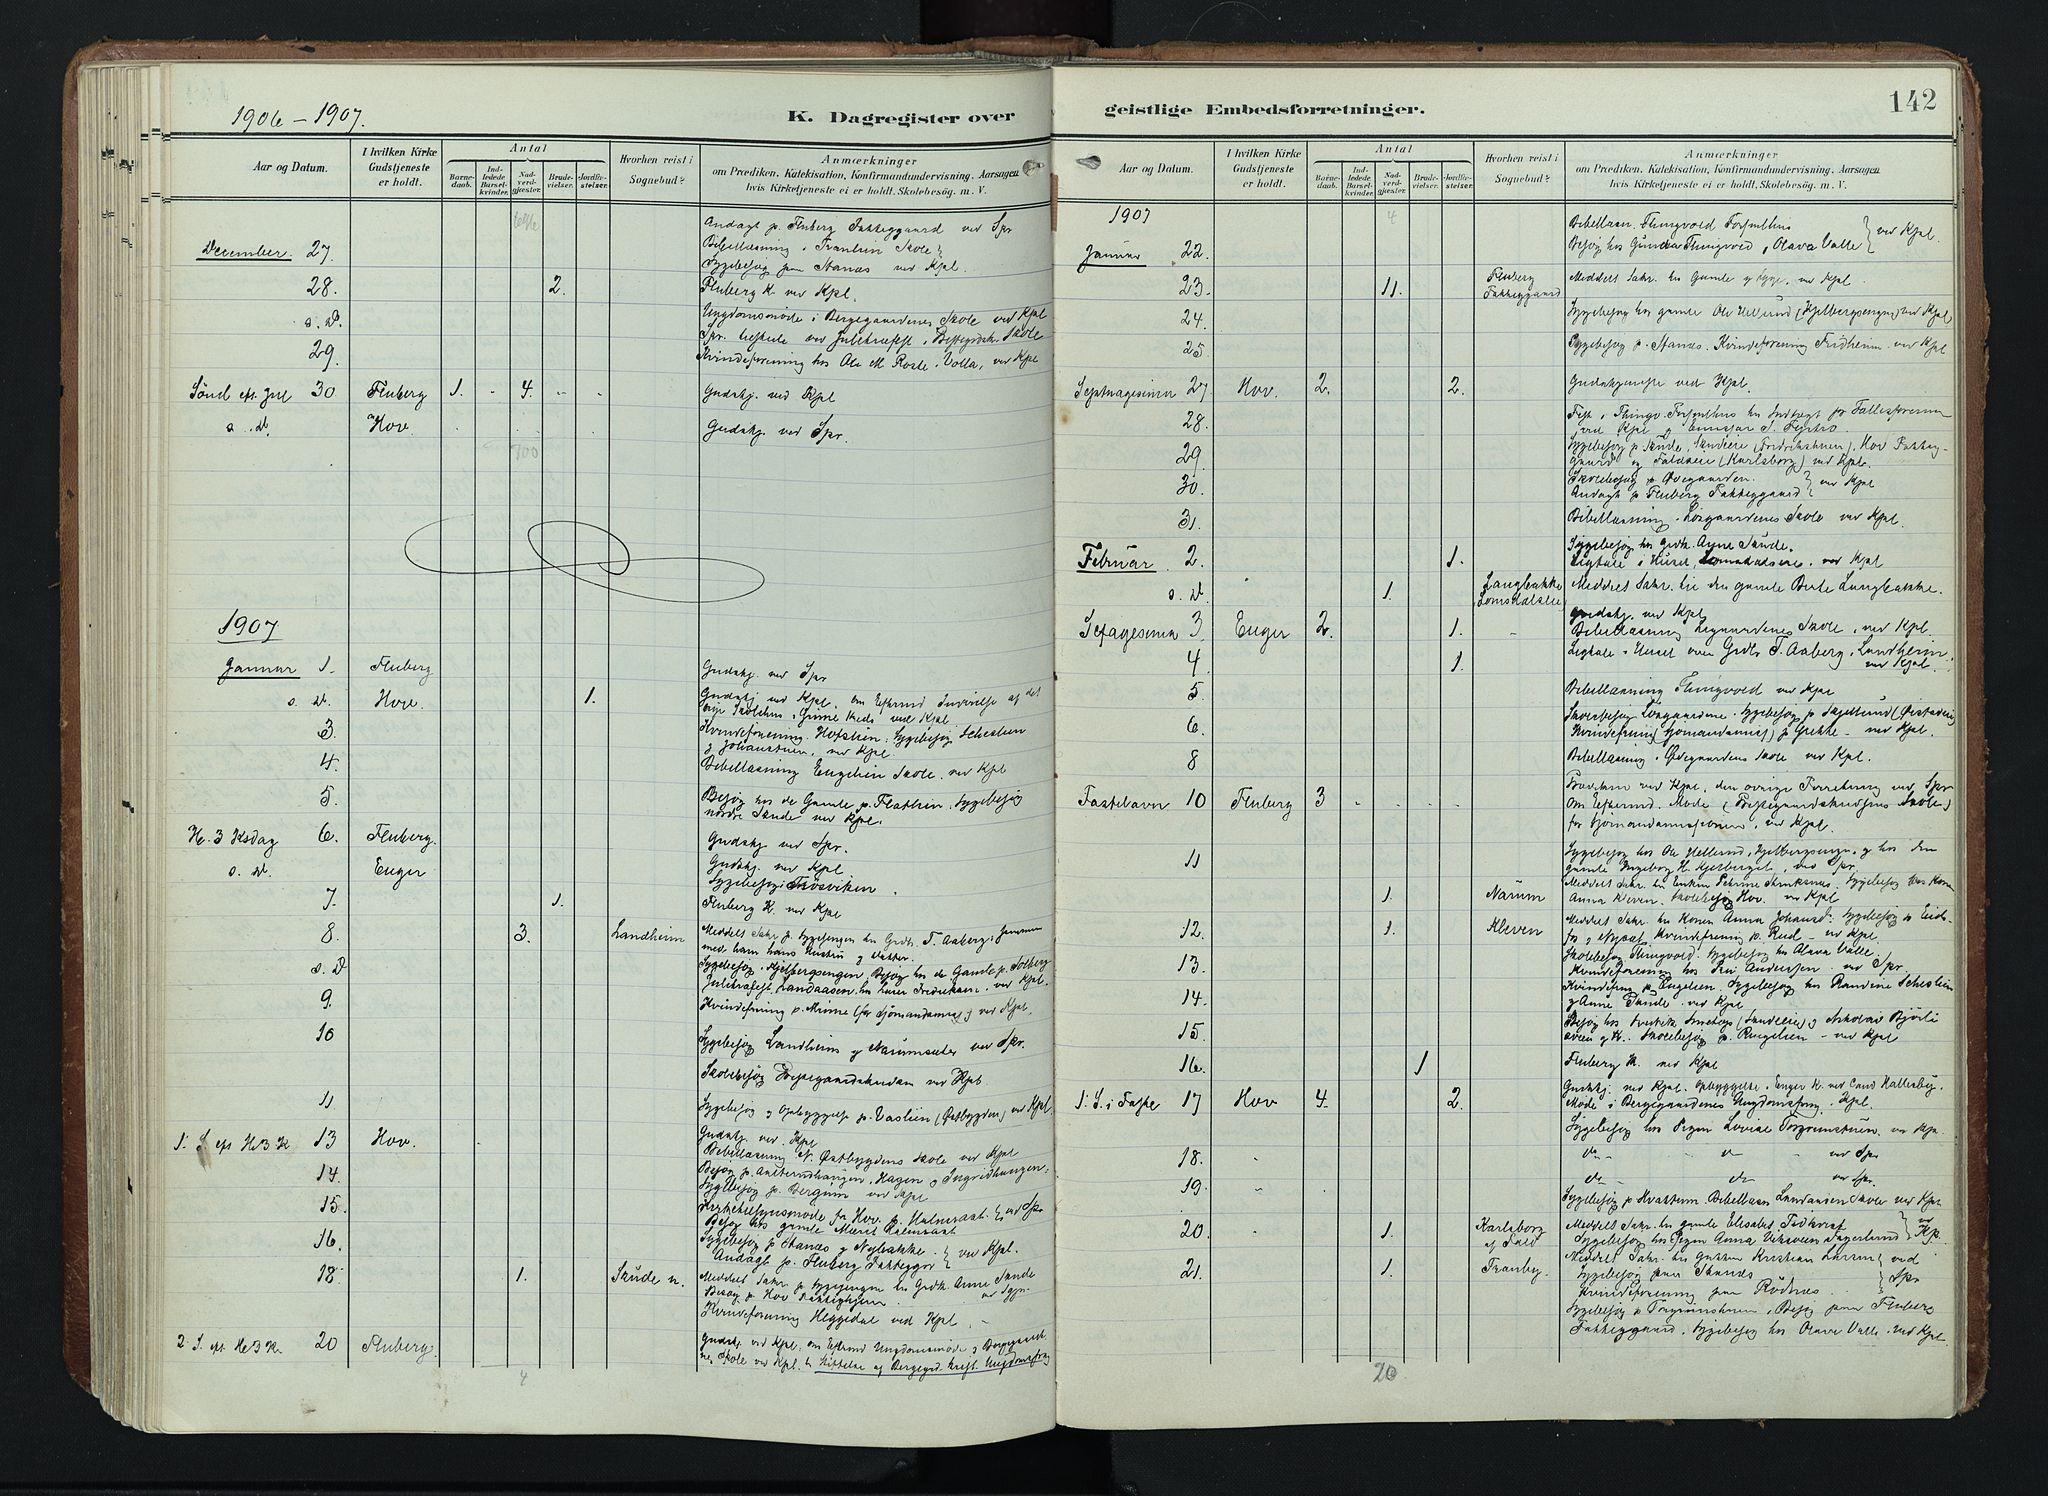 SAH, Søndre Land prestekontor, K/L0005: Ministerialbok nr. 5, 1905-1914, s. 142